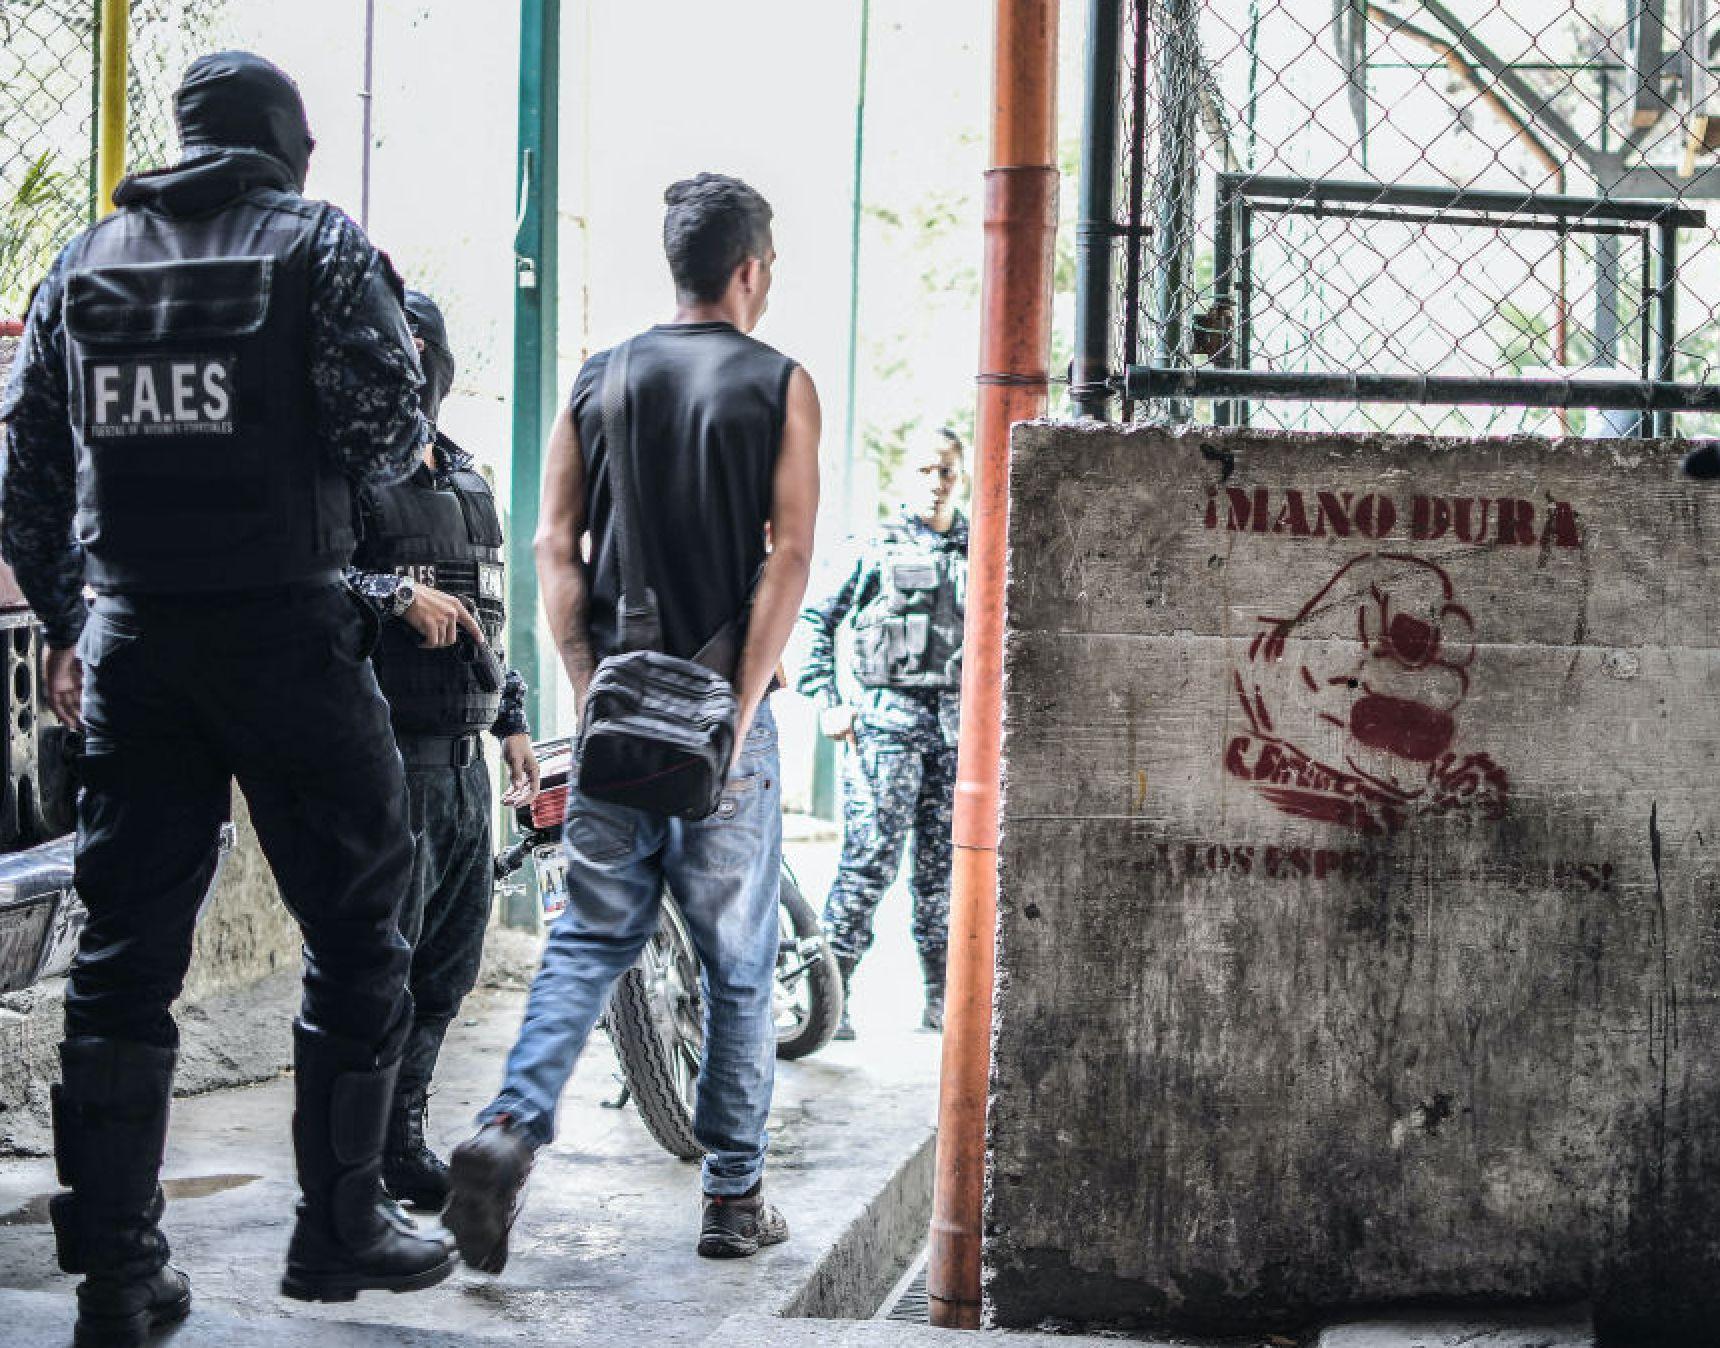 FAES: Η δύναμη κρούσης του καθεστώτος Μαδούρο - Ωμή βία και